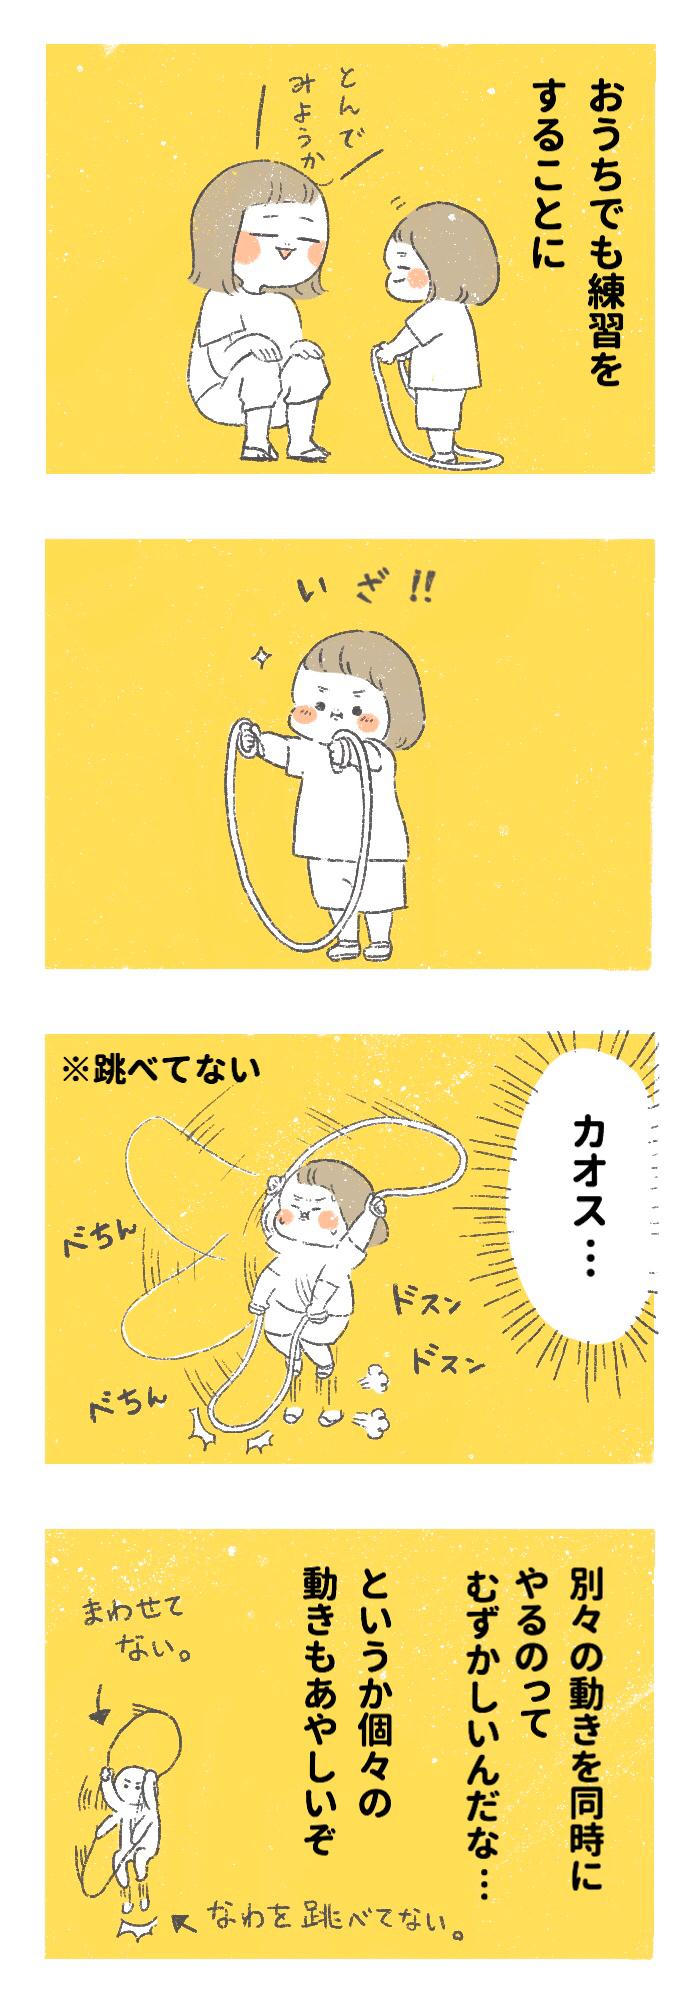 娘の縄跳び練習がもはやカオス…。教えるって、意外と難しい!の画像2